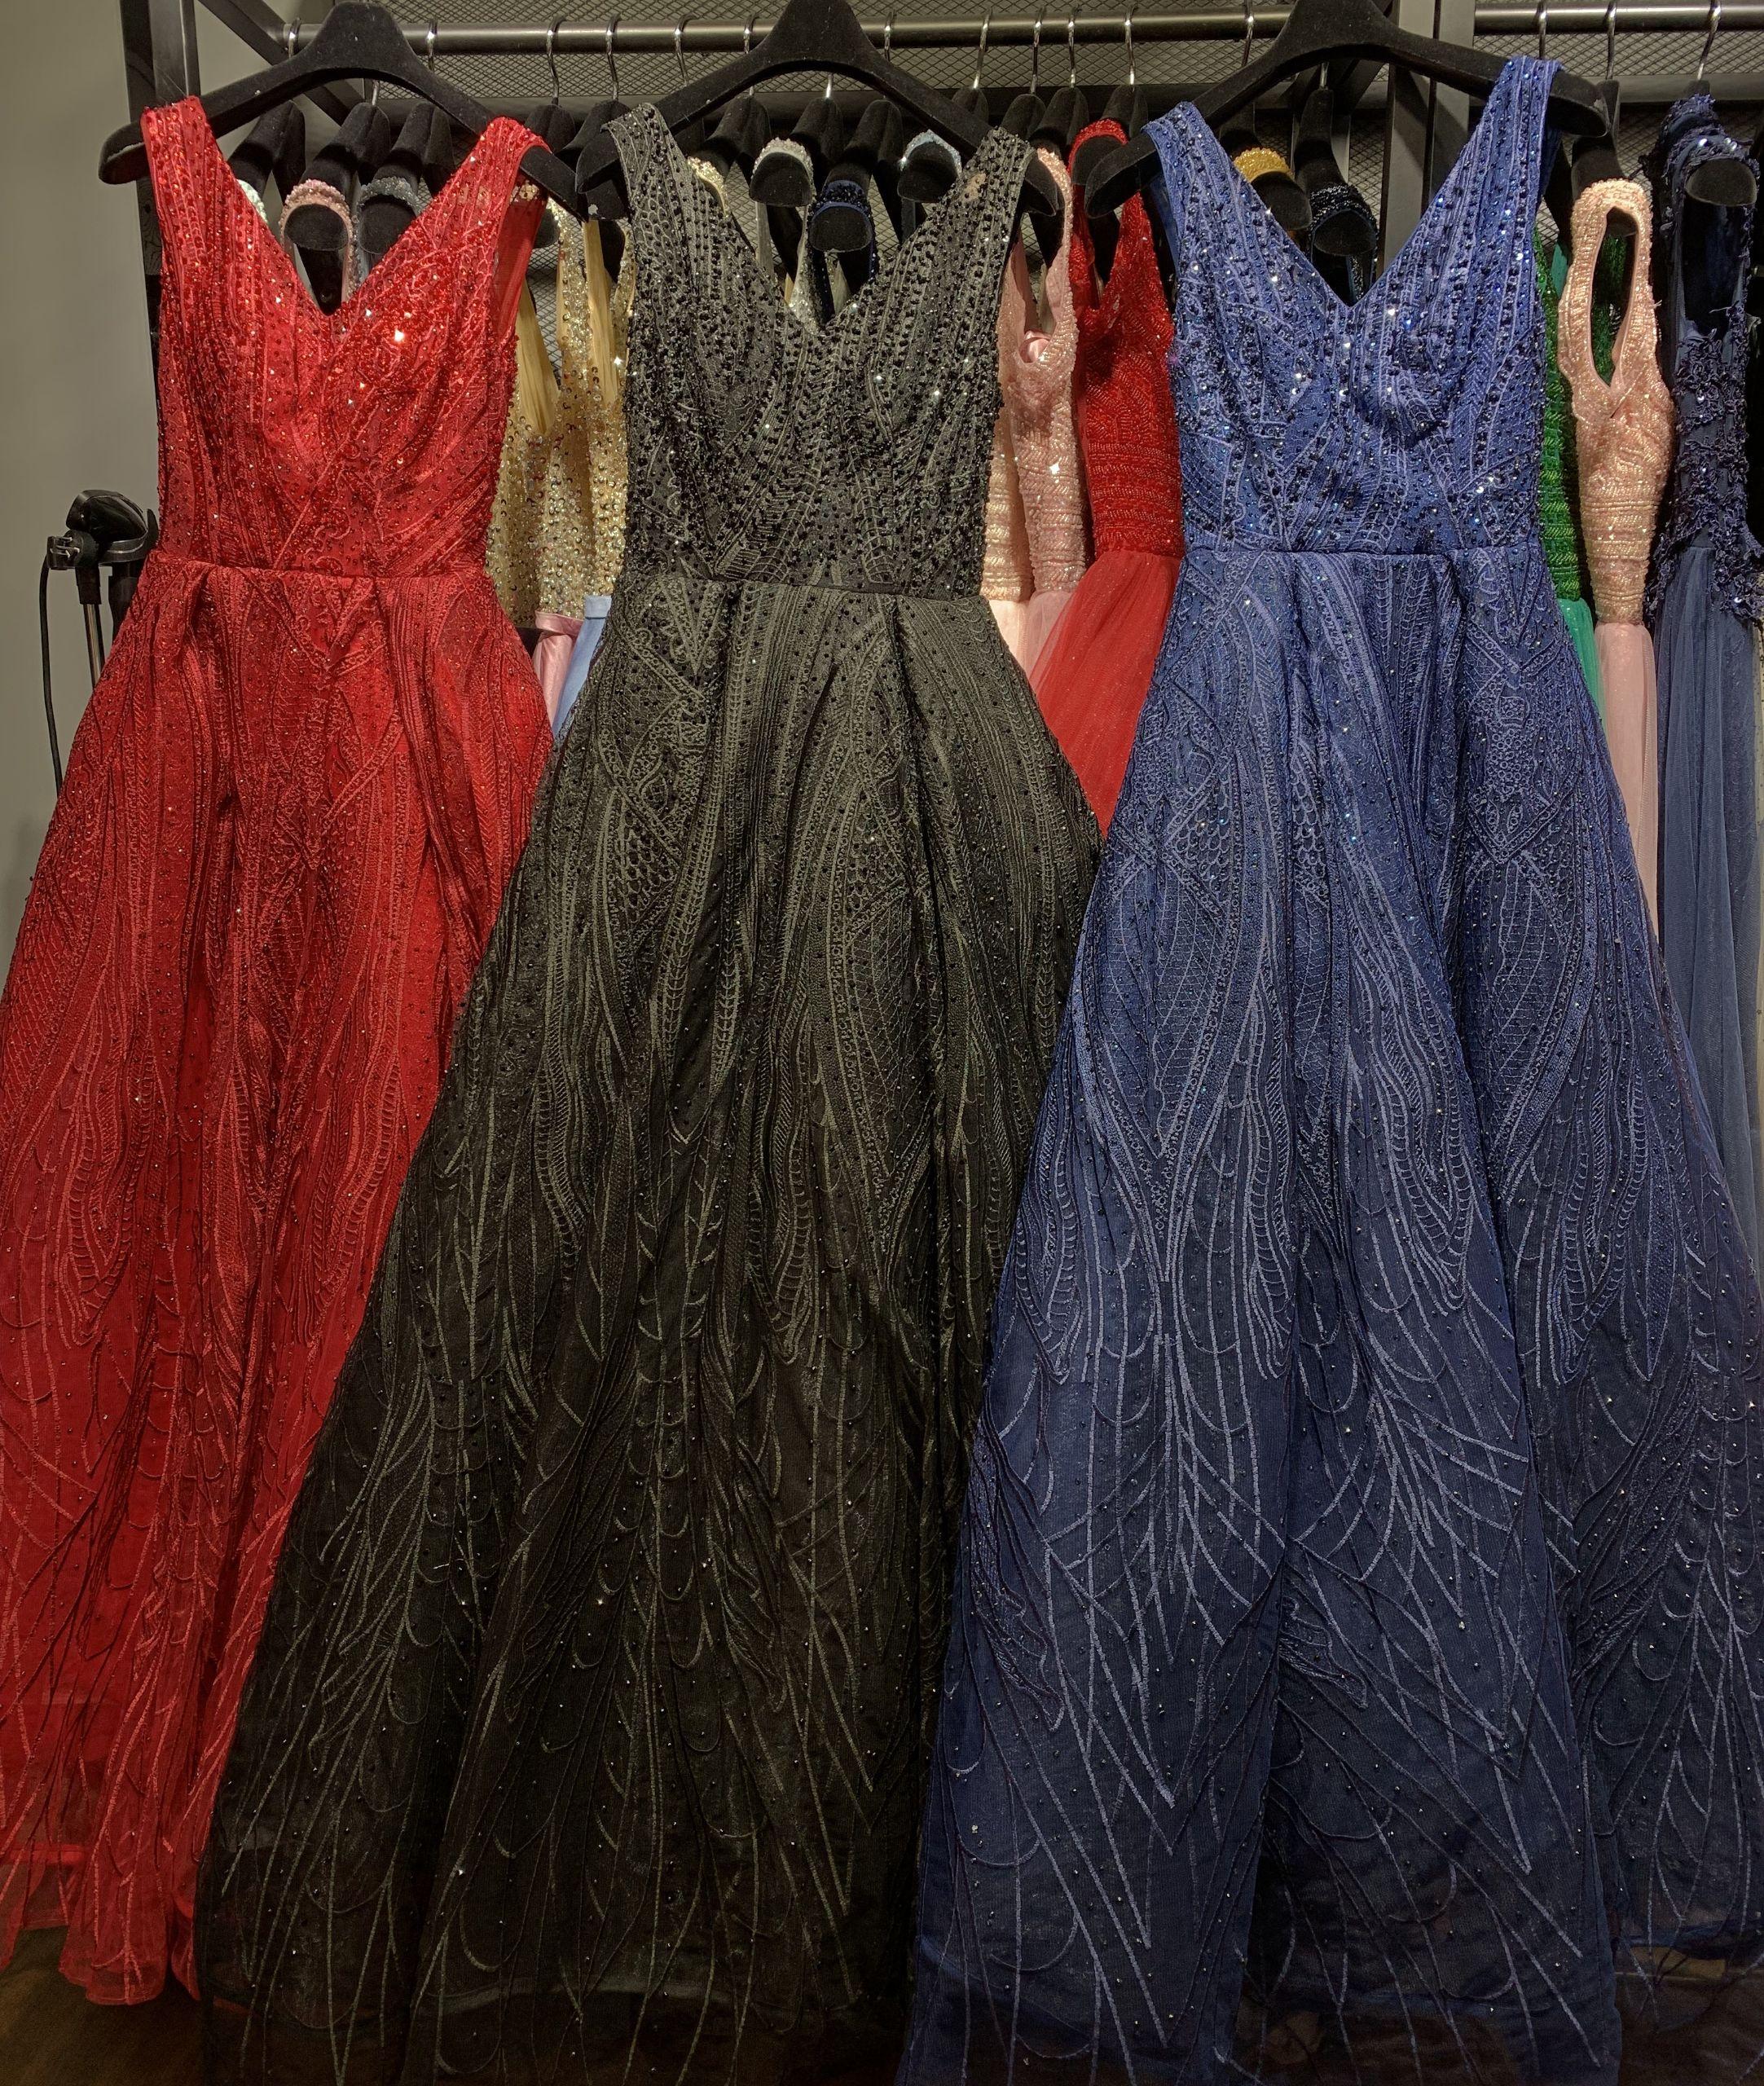 Gaun Pesta Biru Navy 31926 Sewa Jual Baju Gaun Pesta Bridesmaid Dress